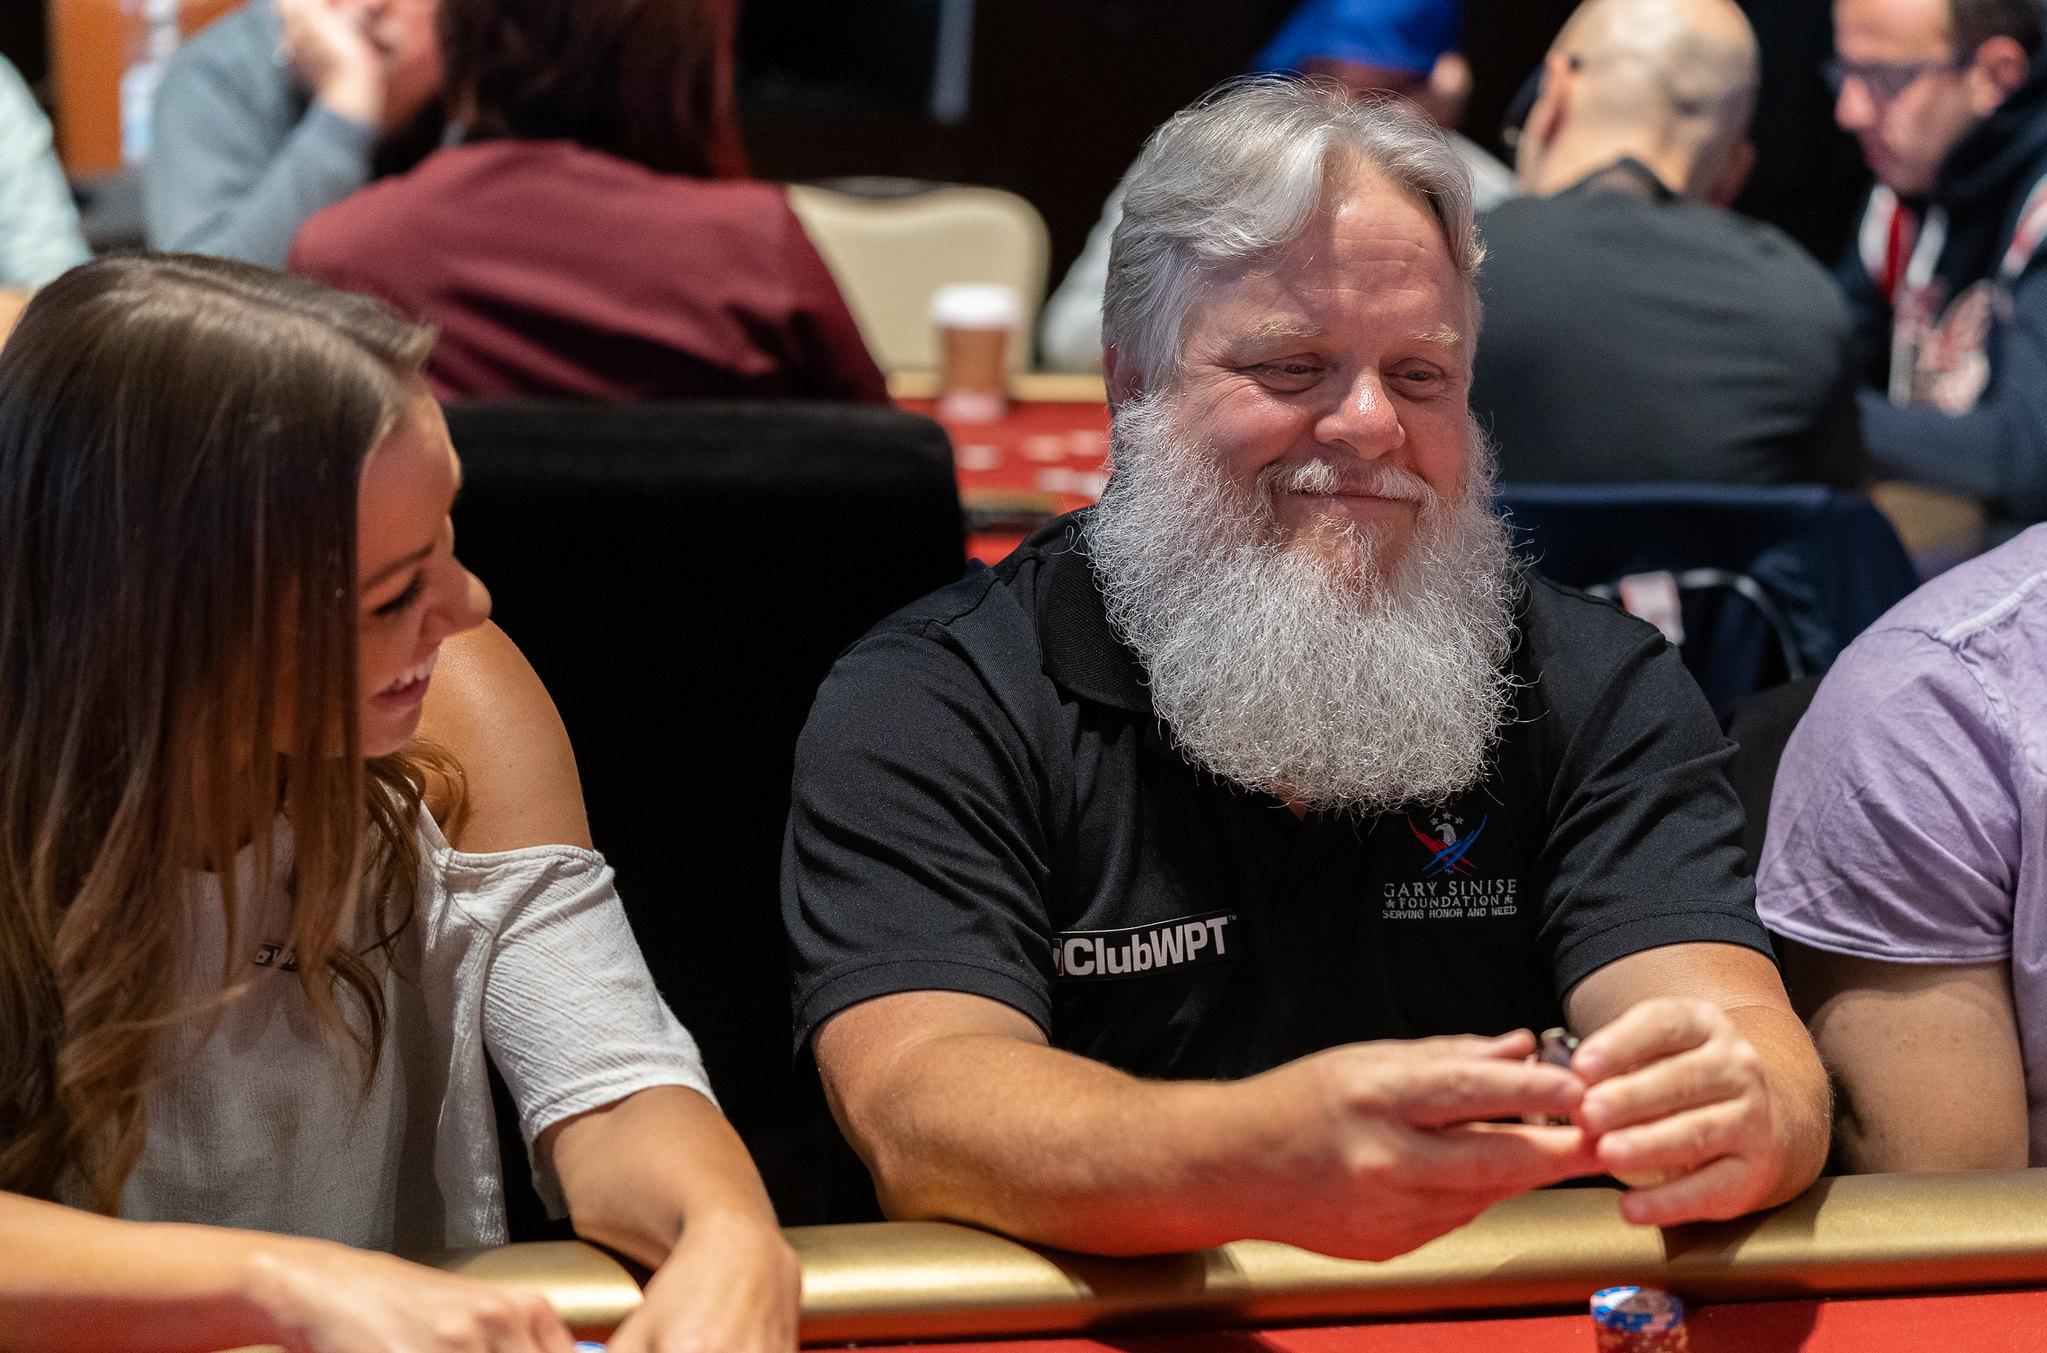 Jeff Center WPT500 Zynga Poker